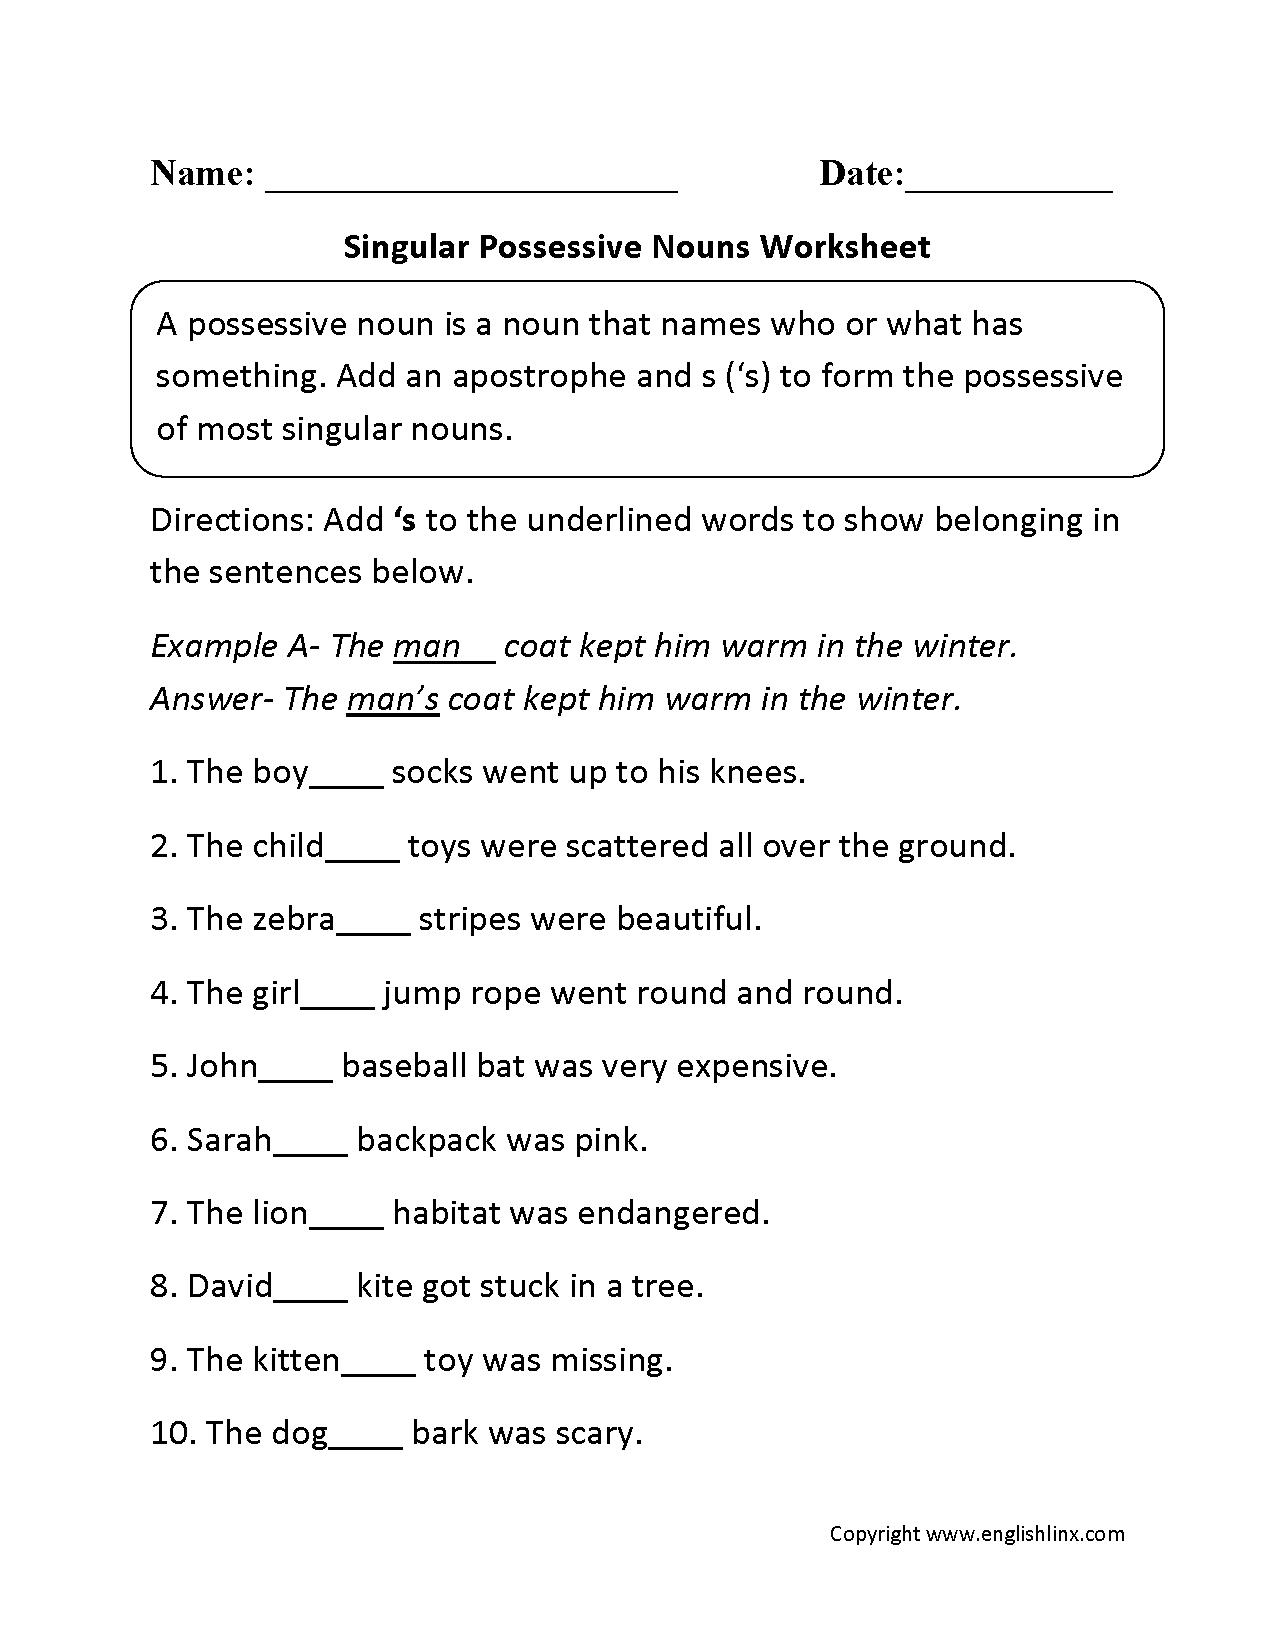 Singular Possessive Nouns Worksheets